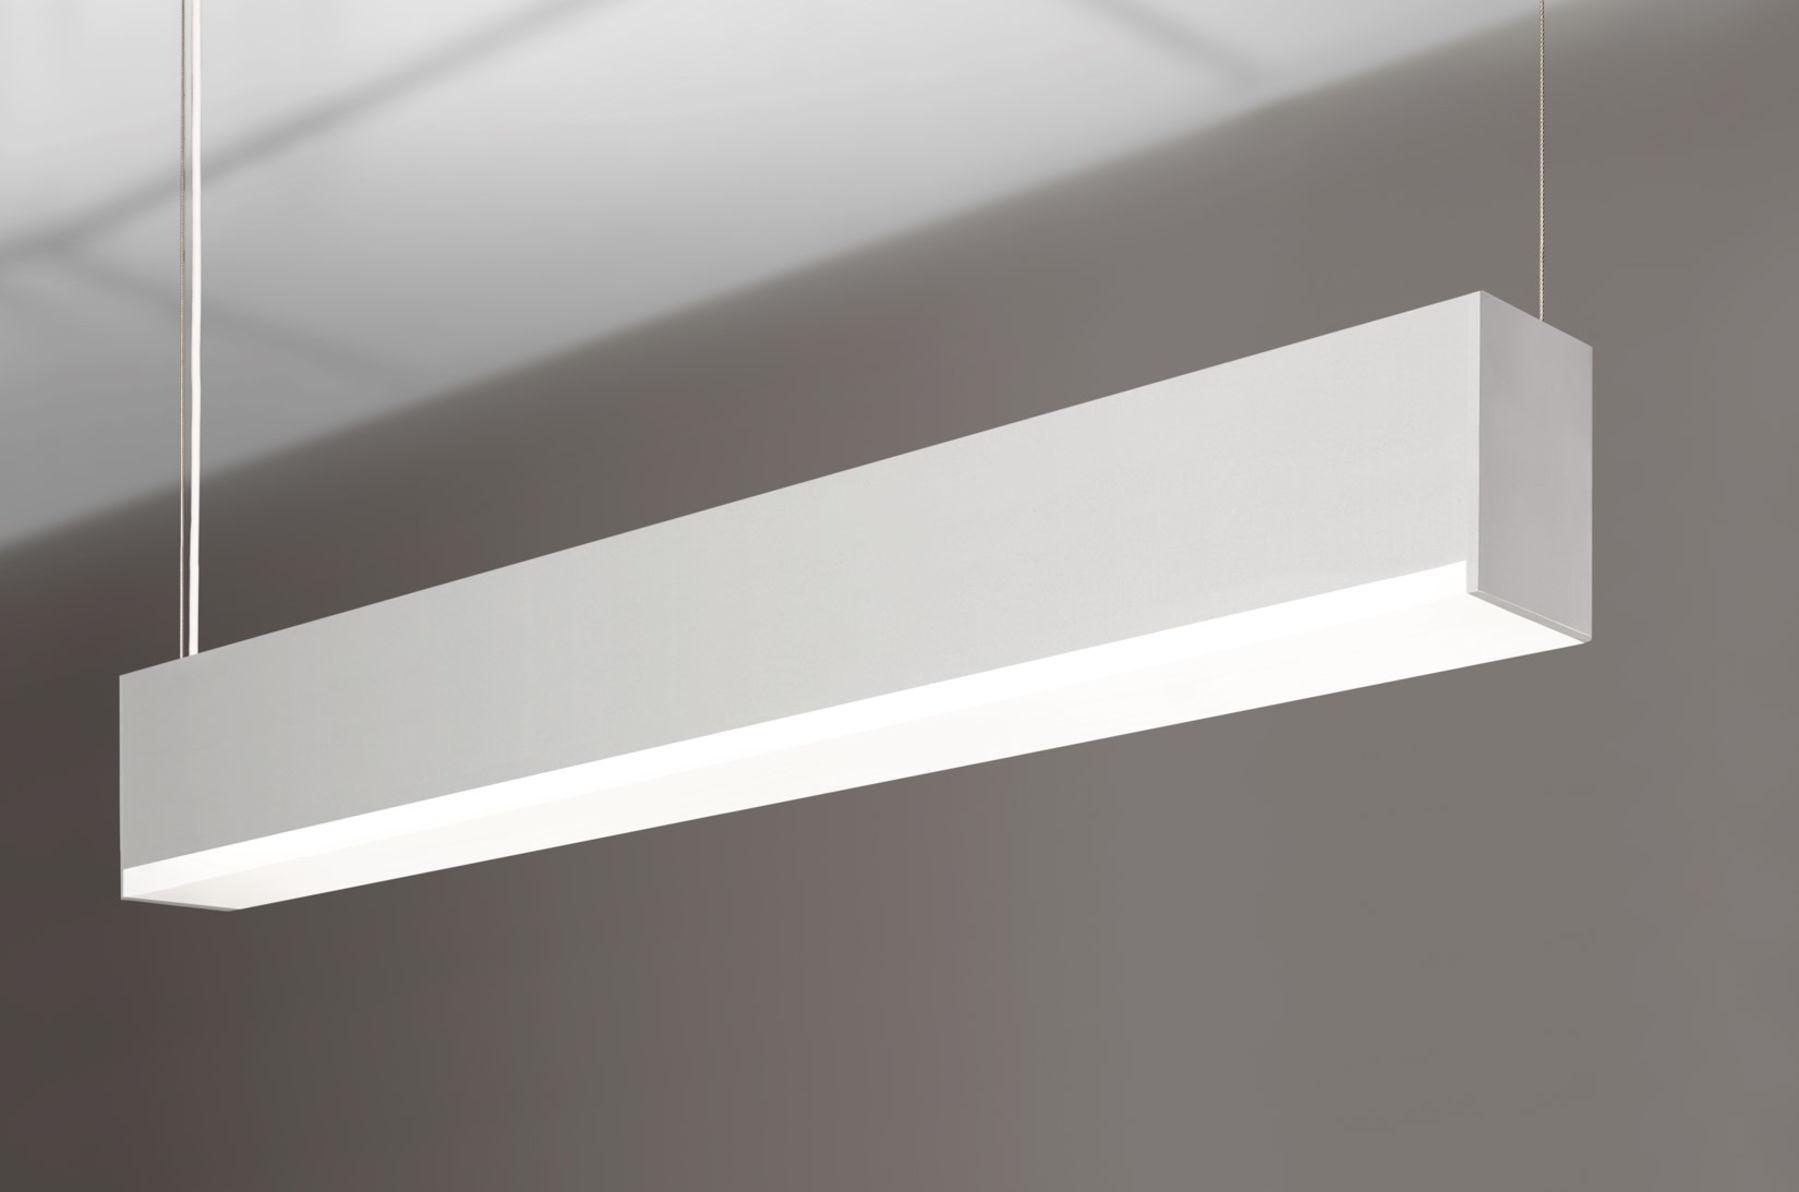 Picture of GX3D34D2-LED-LENS3D